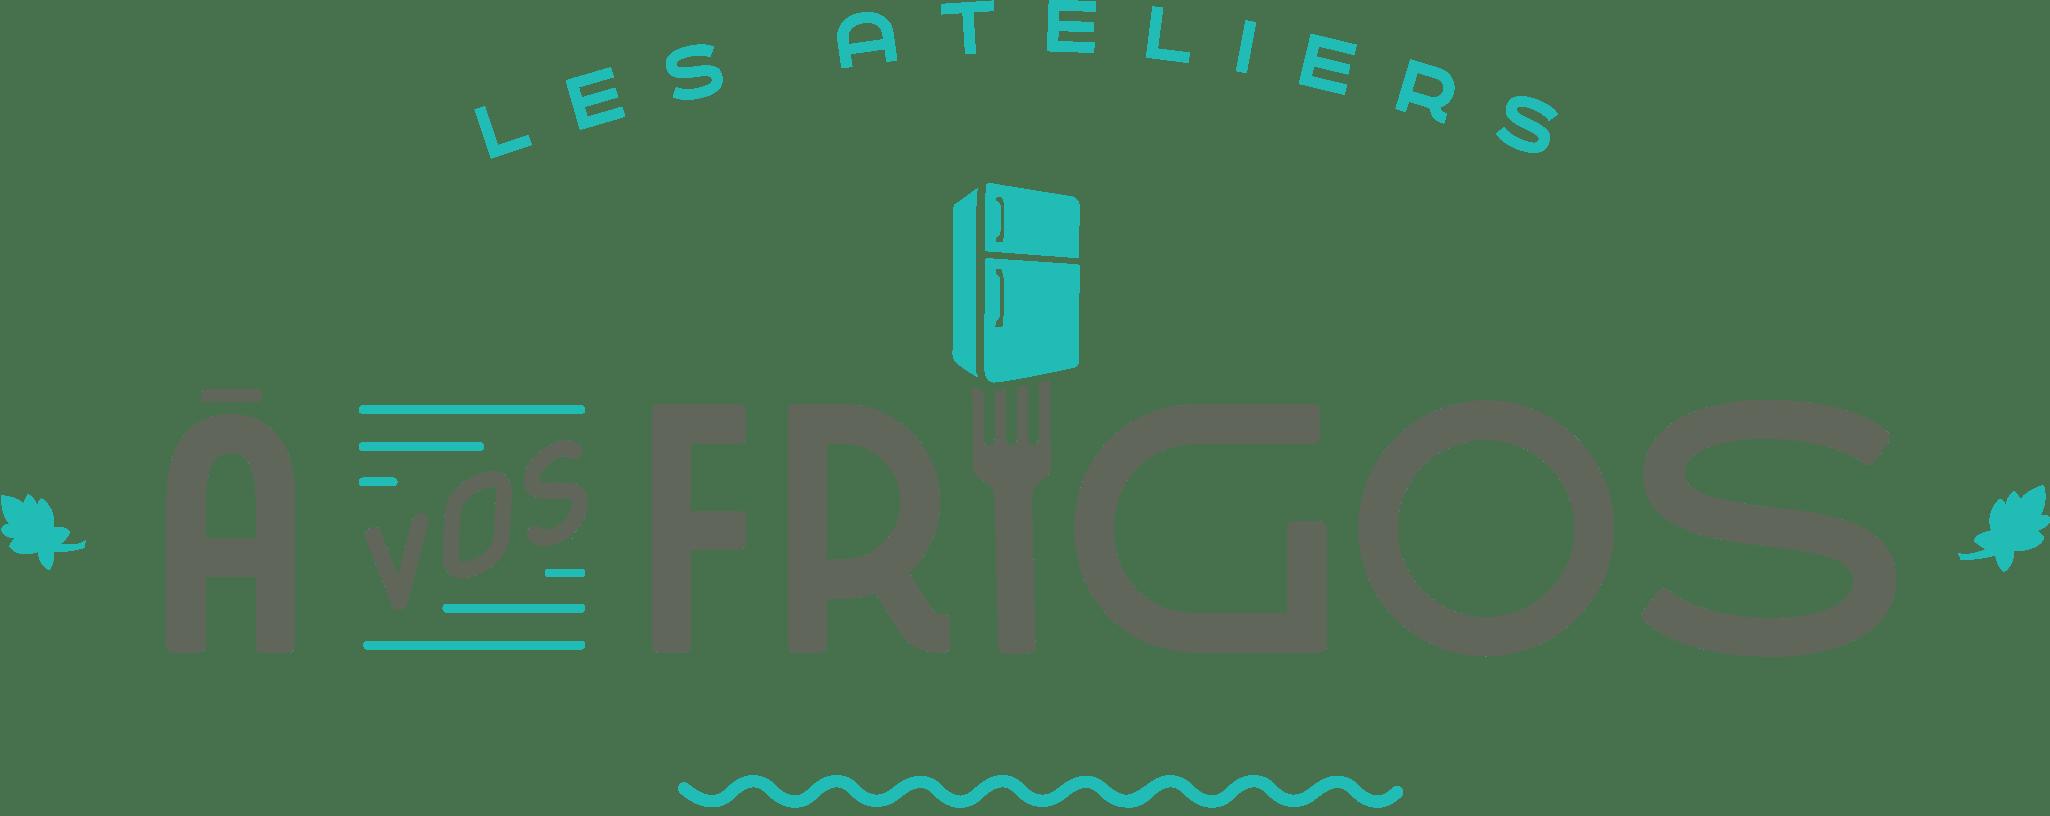 A VOS FRIGOS_LOGO_FIN_envoi4_MJachner